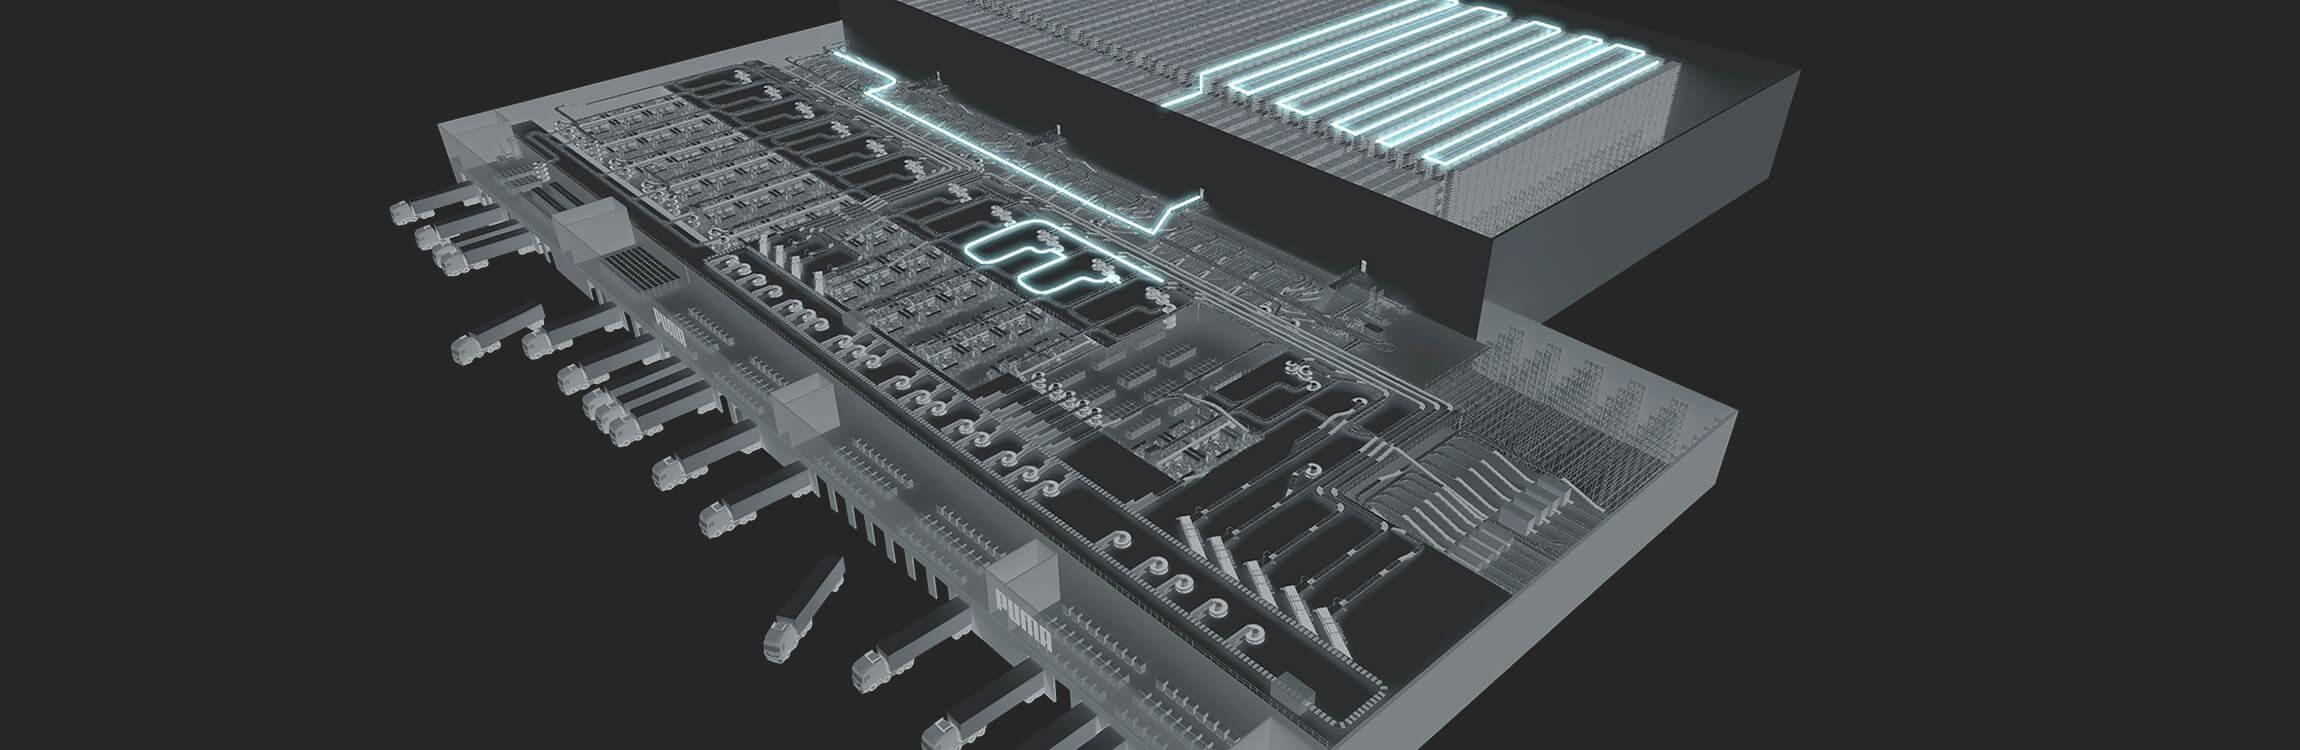 TGW: PUMA setzt beim Bau des zentralen Distributionszentrums auf Intralogistik-Lösungen vom Systemanbieter TGW